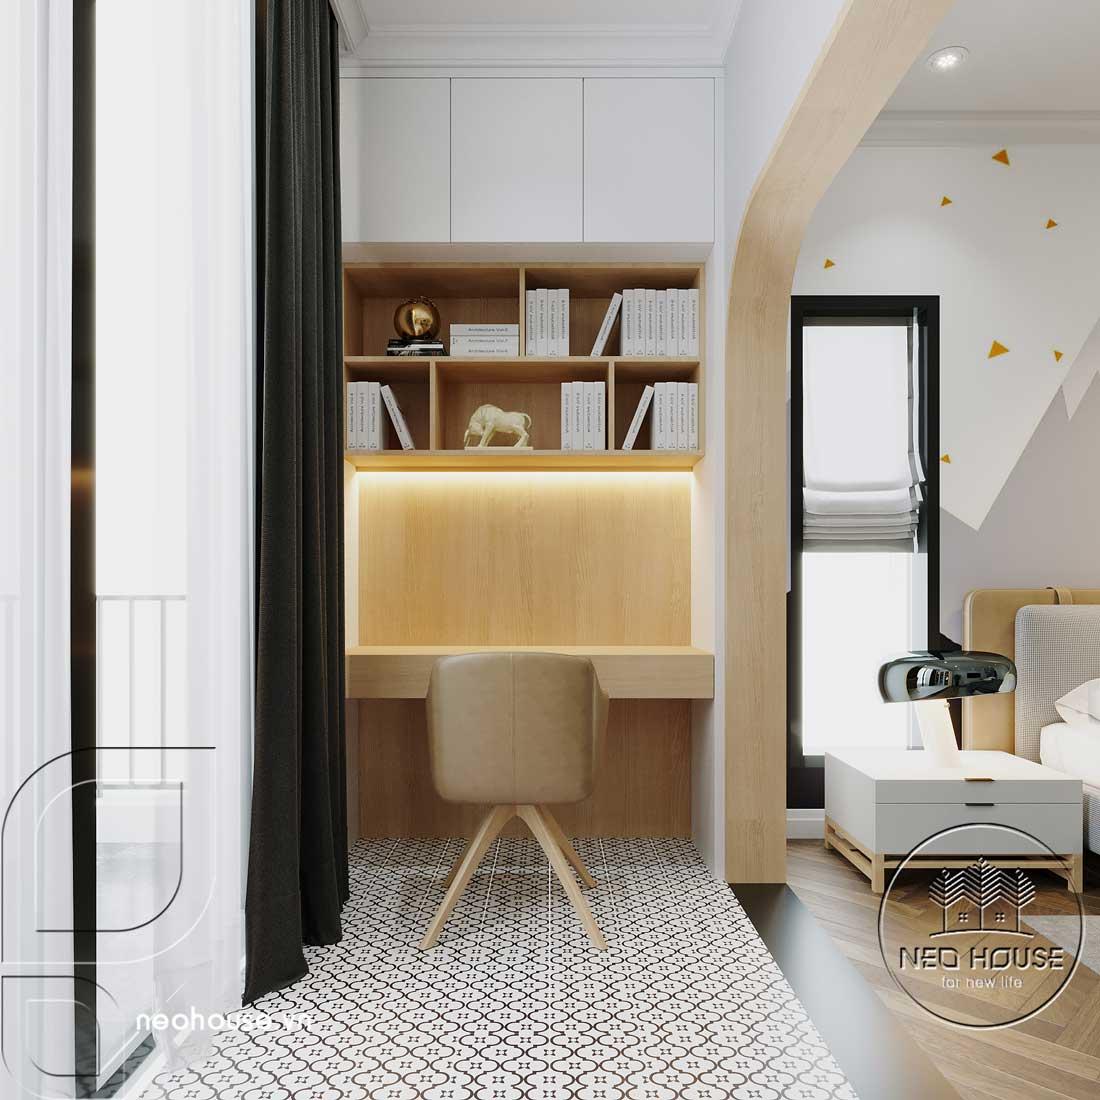 Thiết kế nội thất phong cách Indochine. Ảnh 17